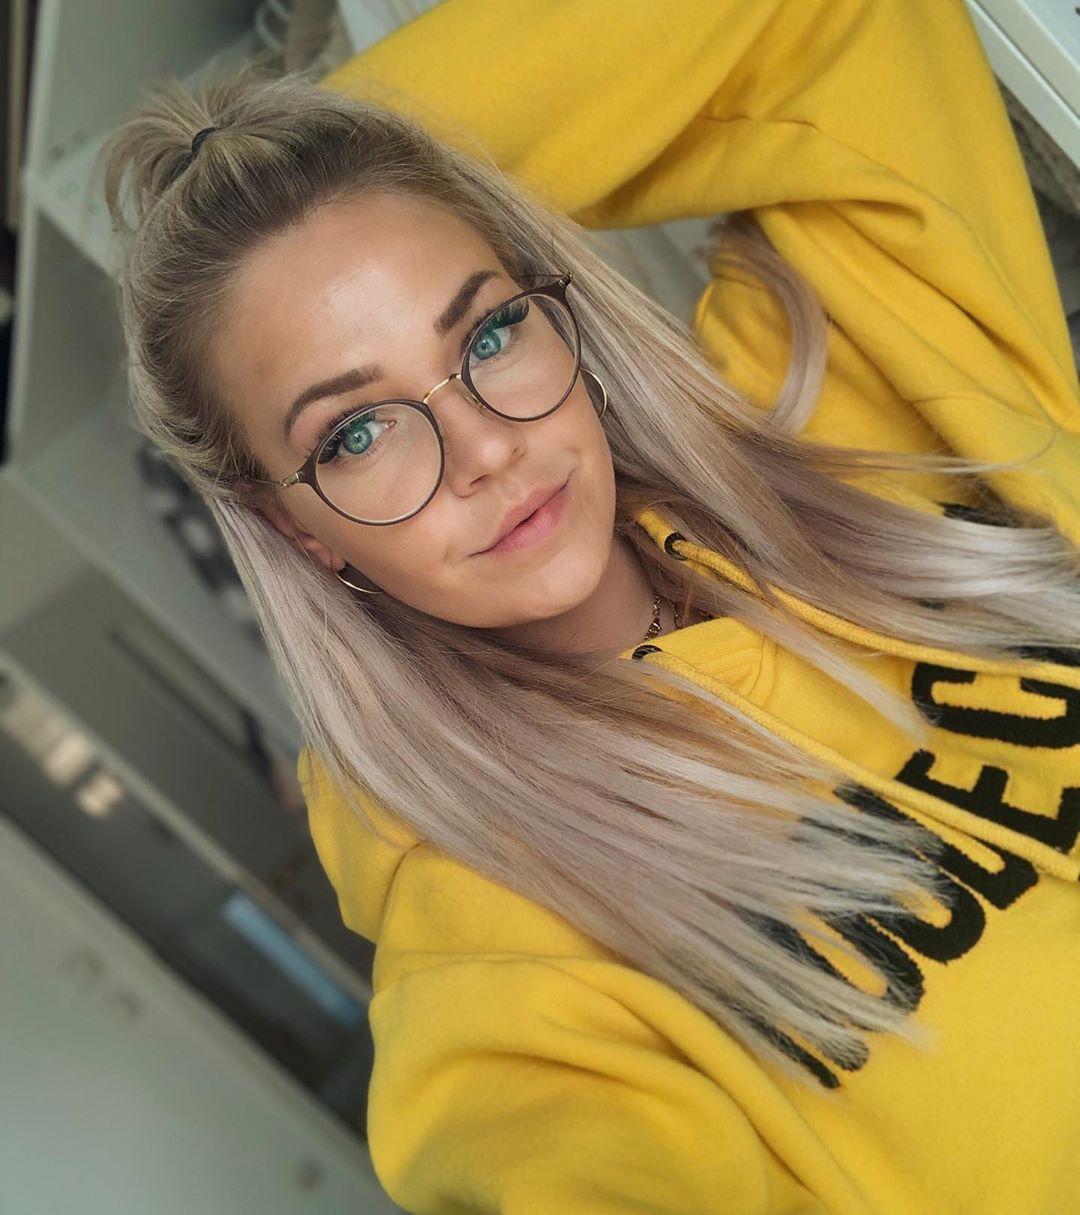 Stayathome 💛 Weareinthistogether 💛 M Weareinthistogether - Hairstyles For Girls